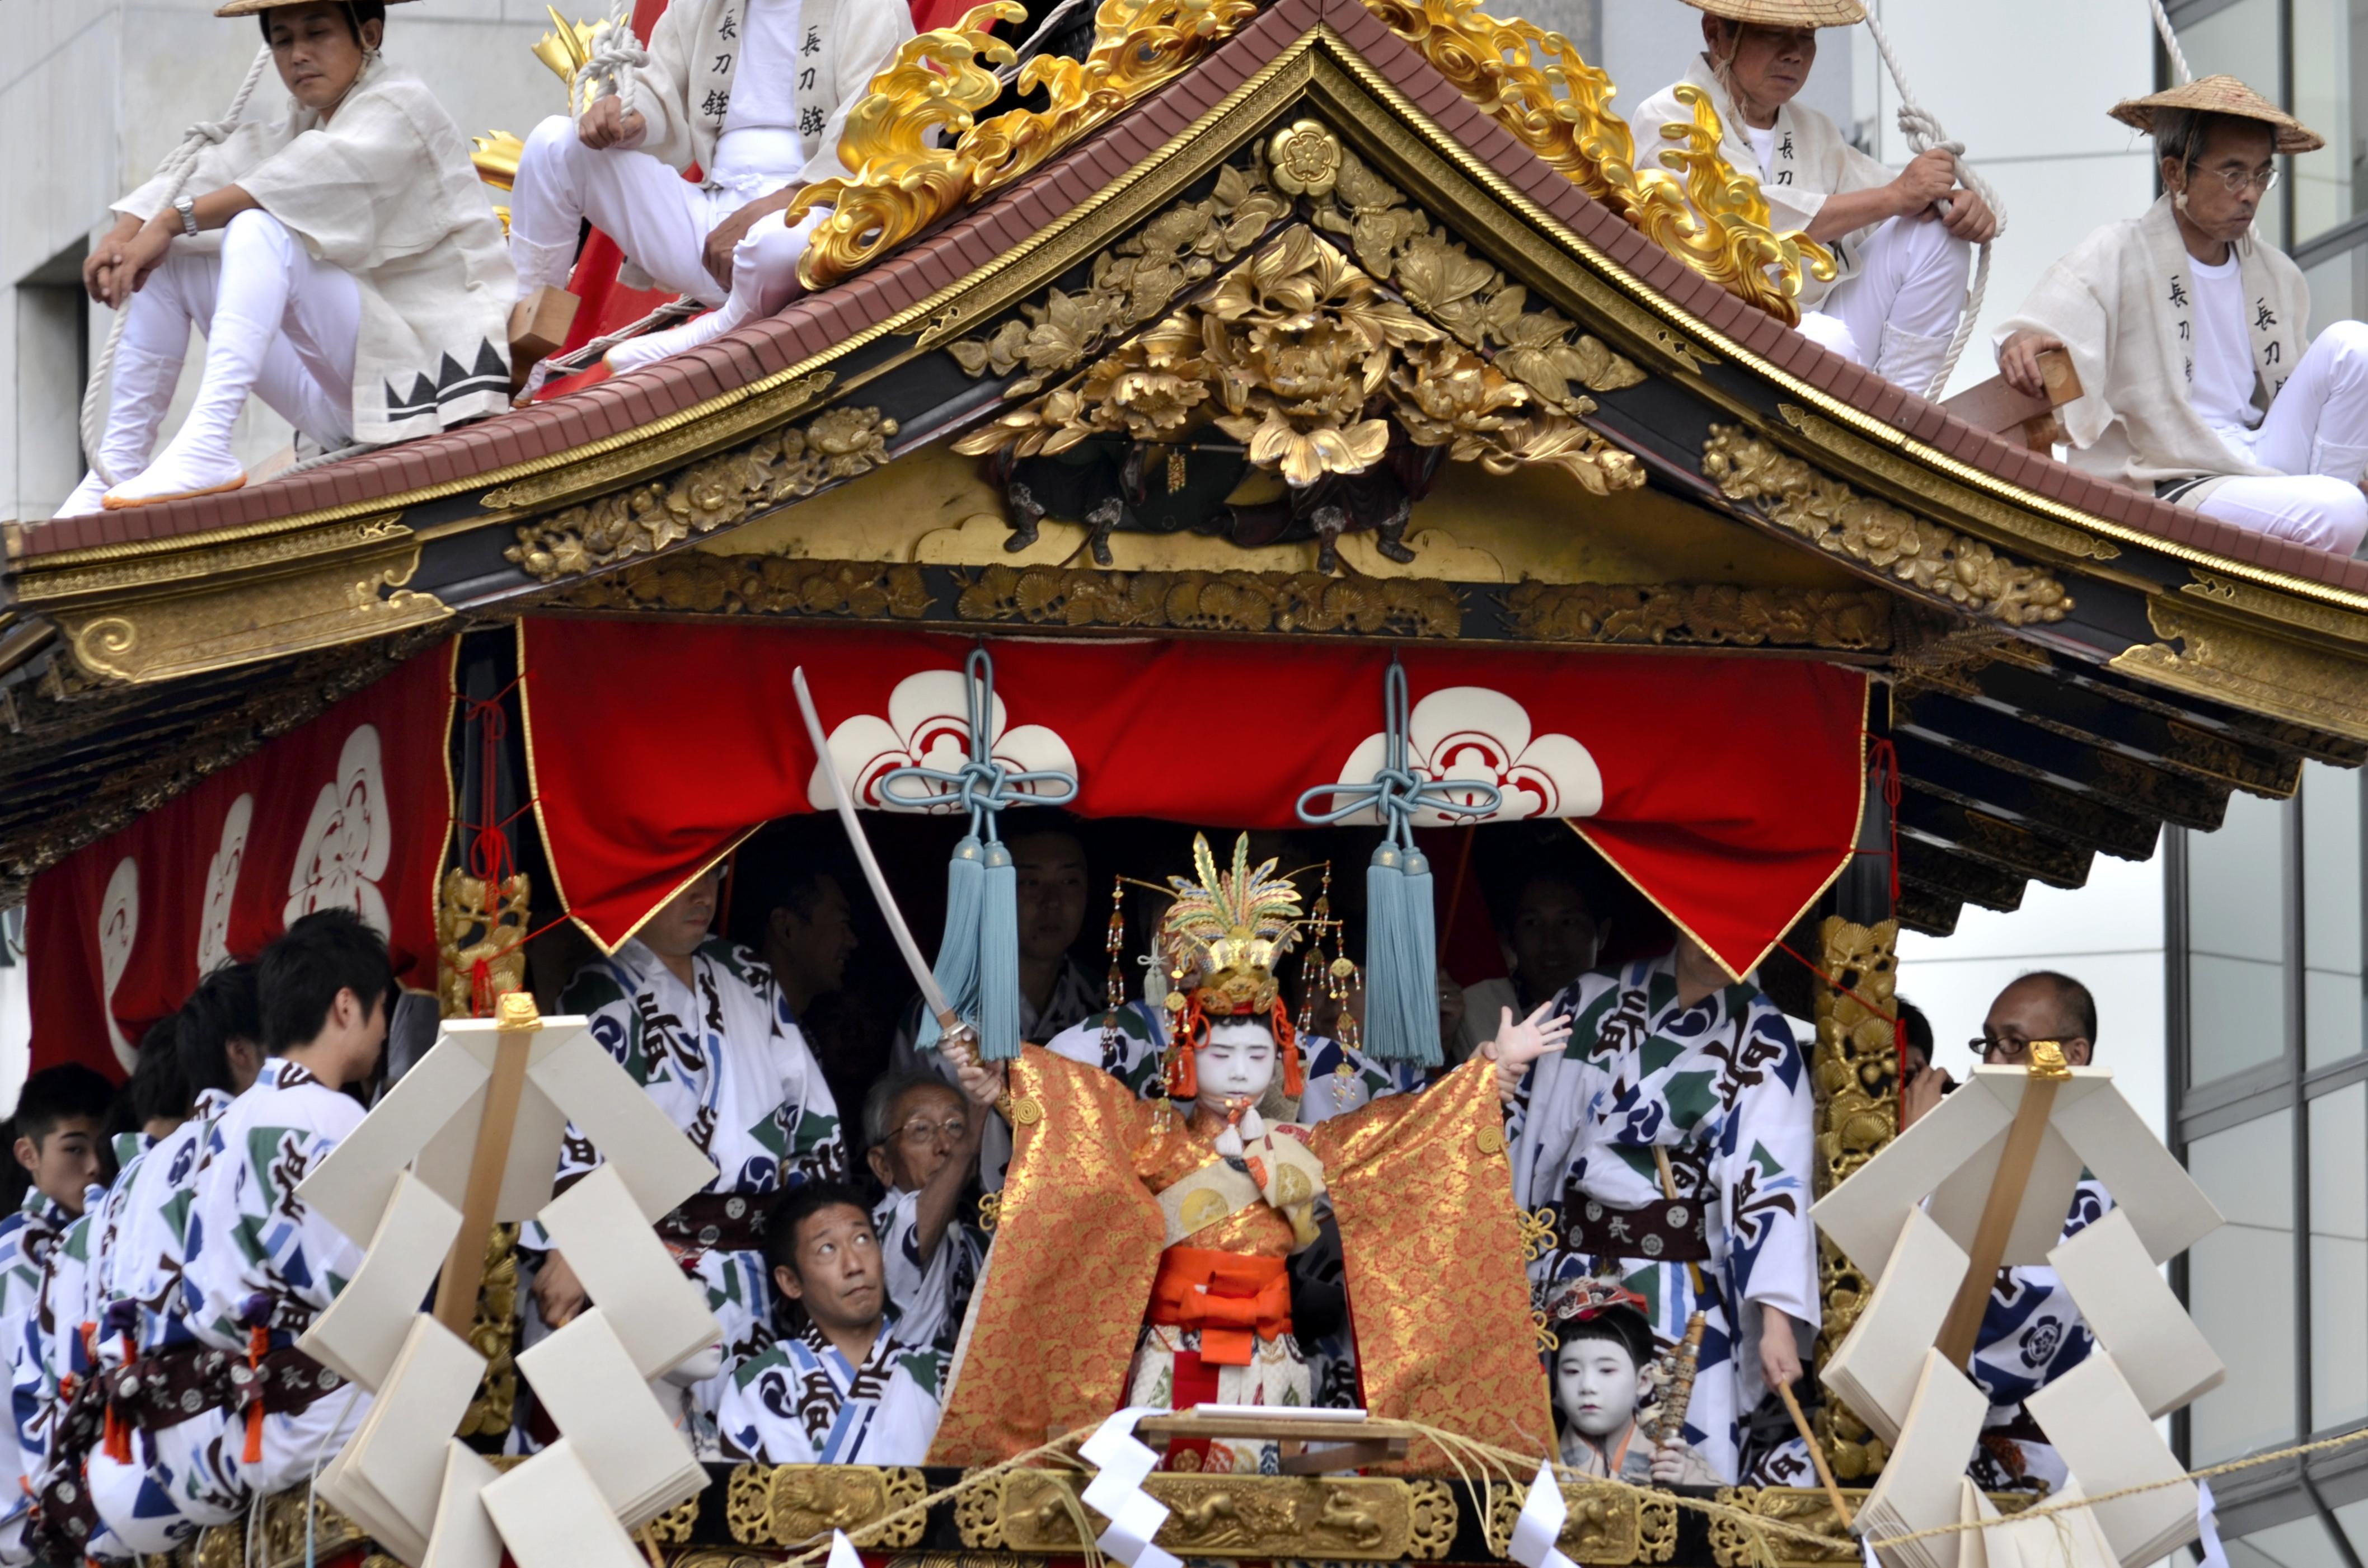 祇園祭 注連切り いよいよ山鉾巡行出発